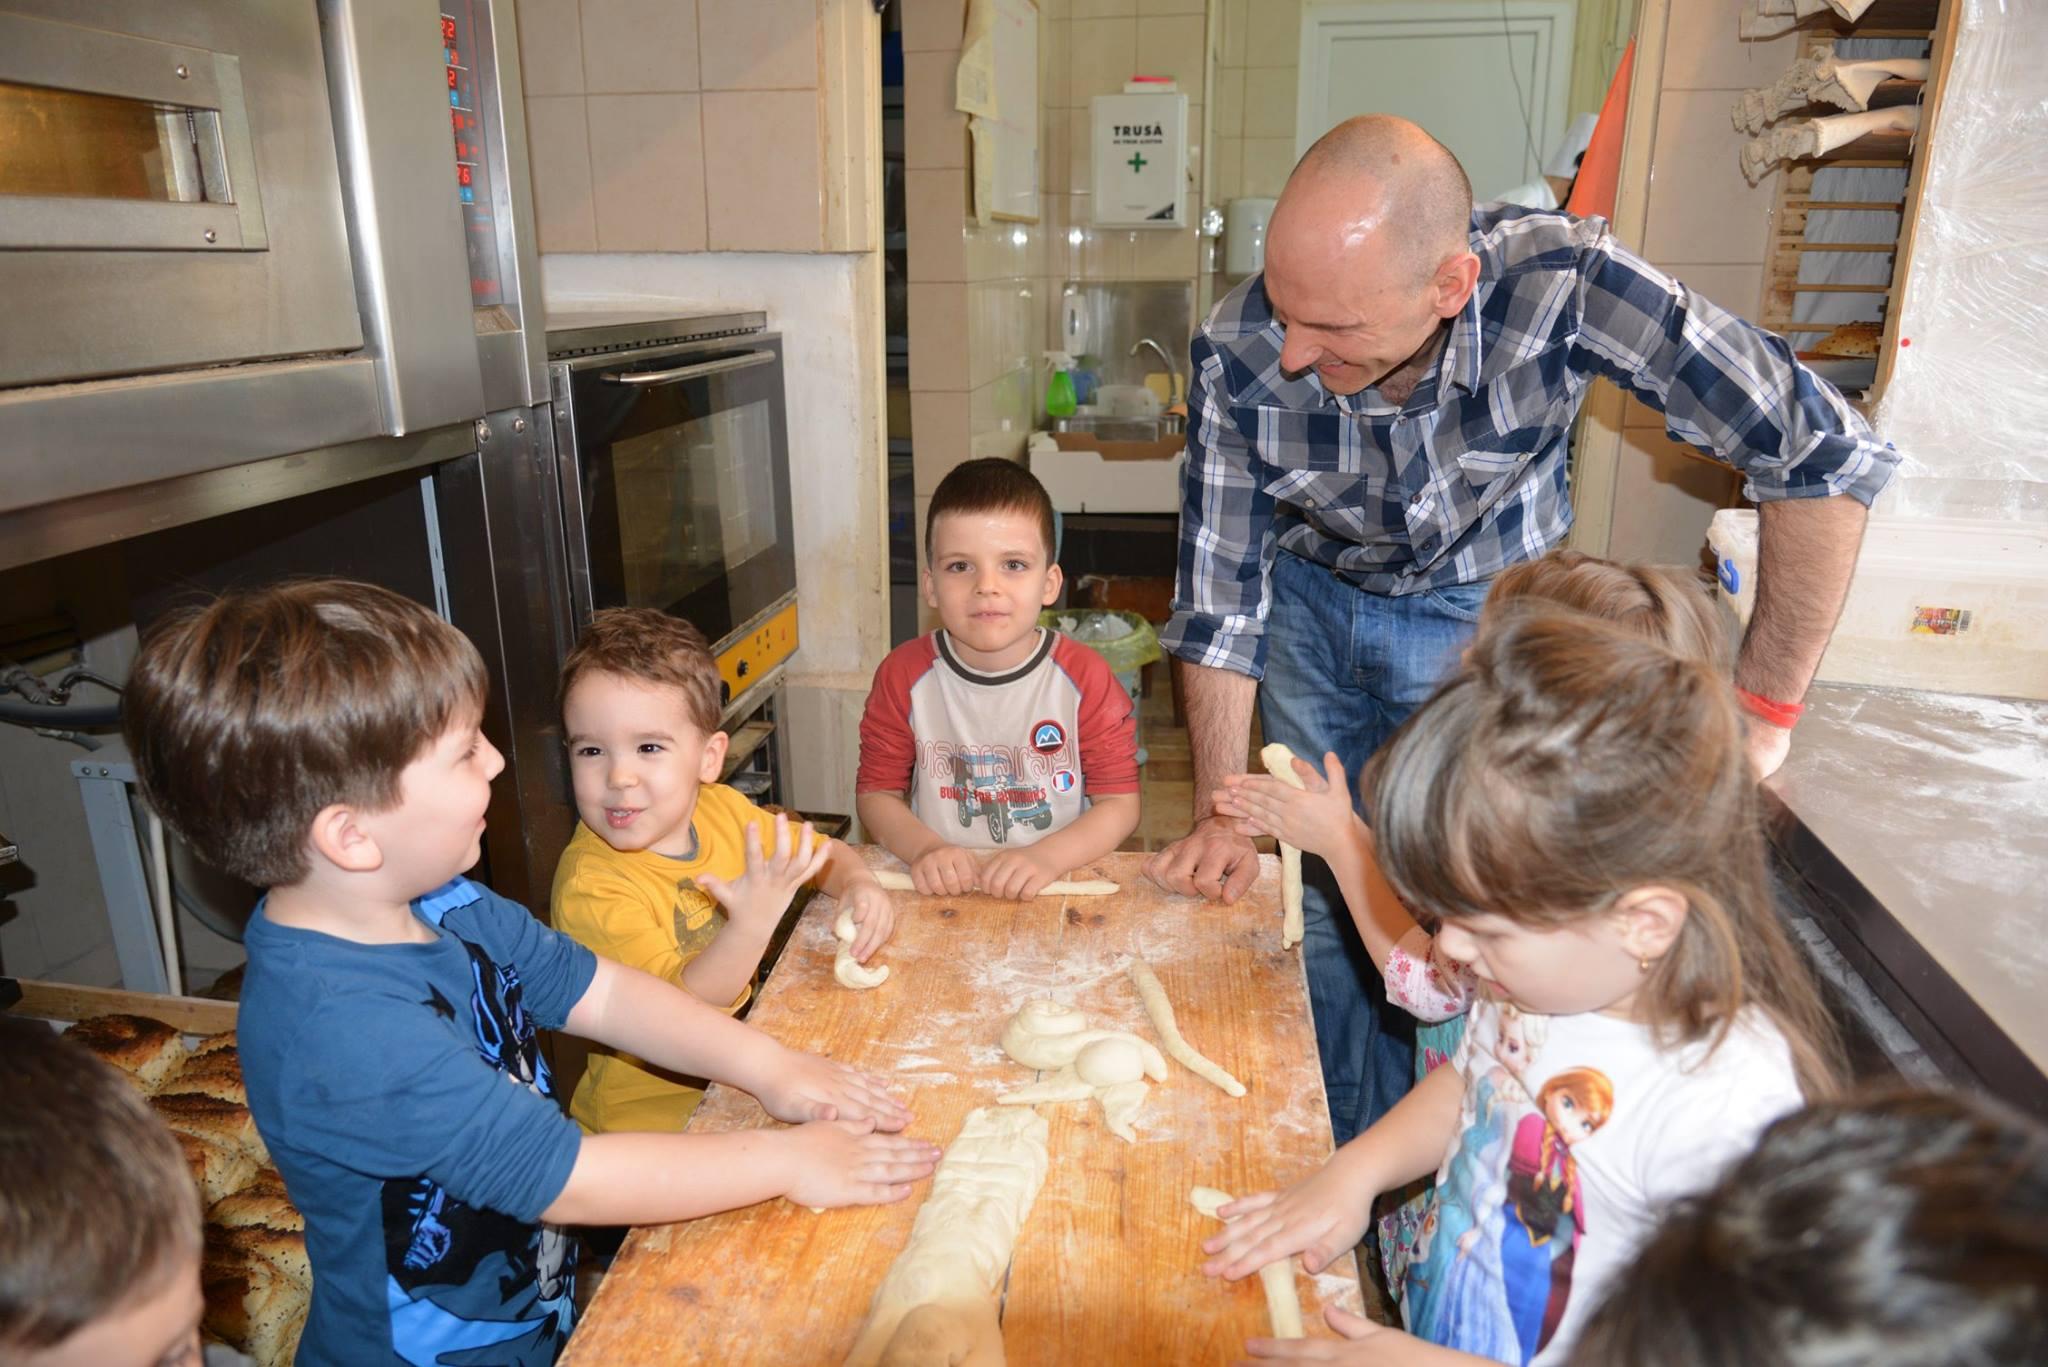 activitatisciale-scoalaaltfel-apr2015_25